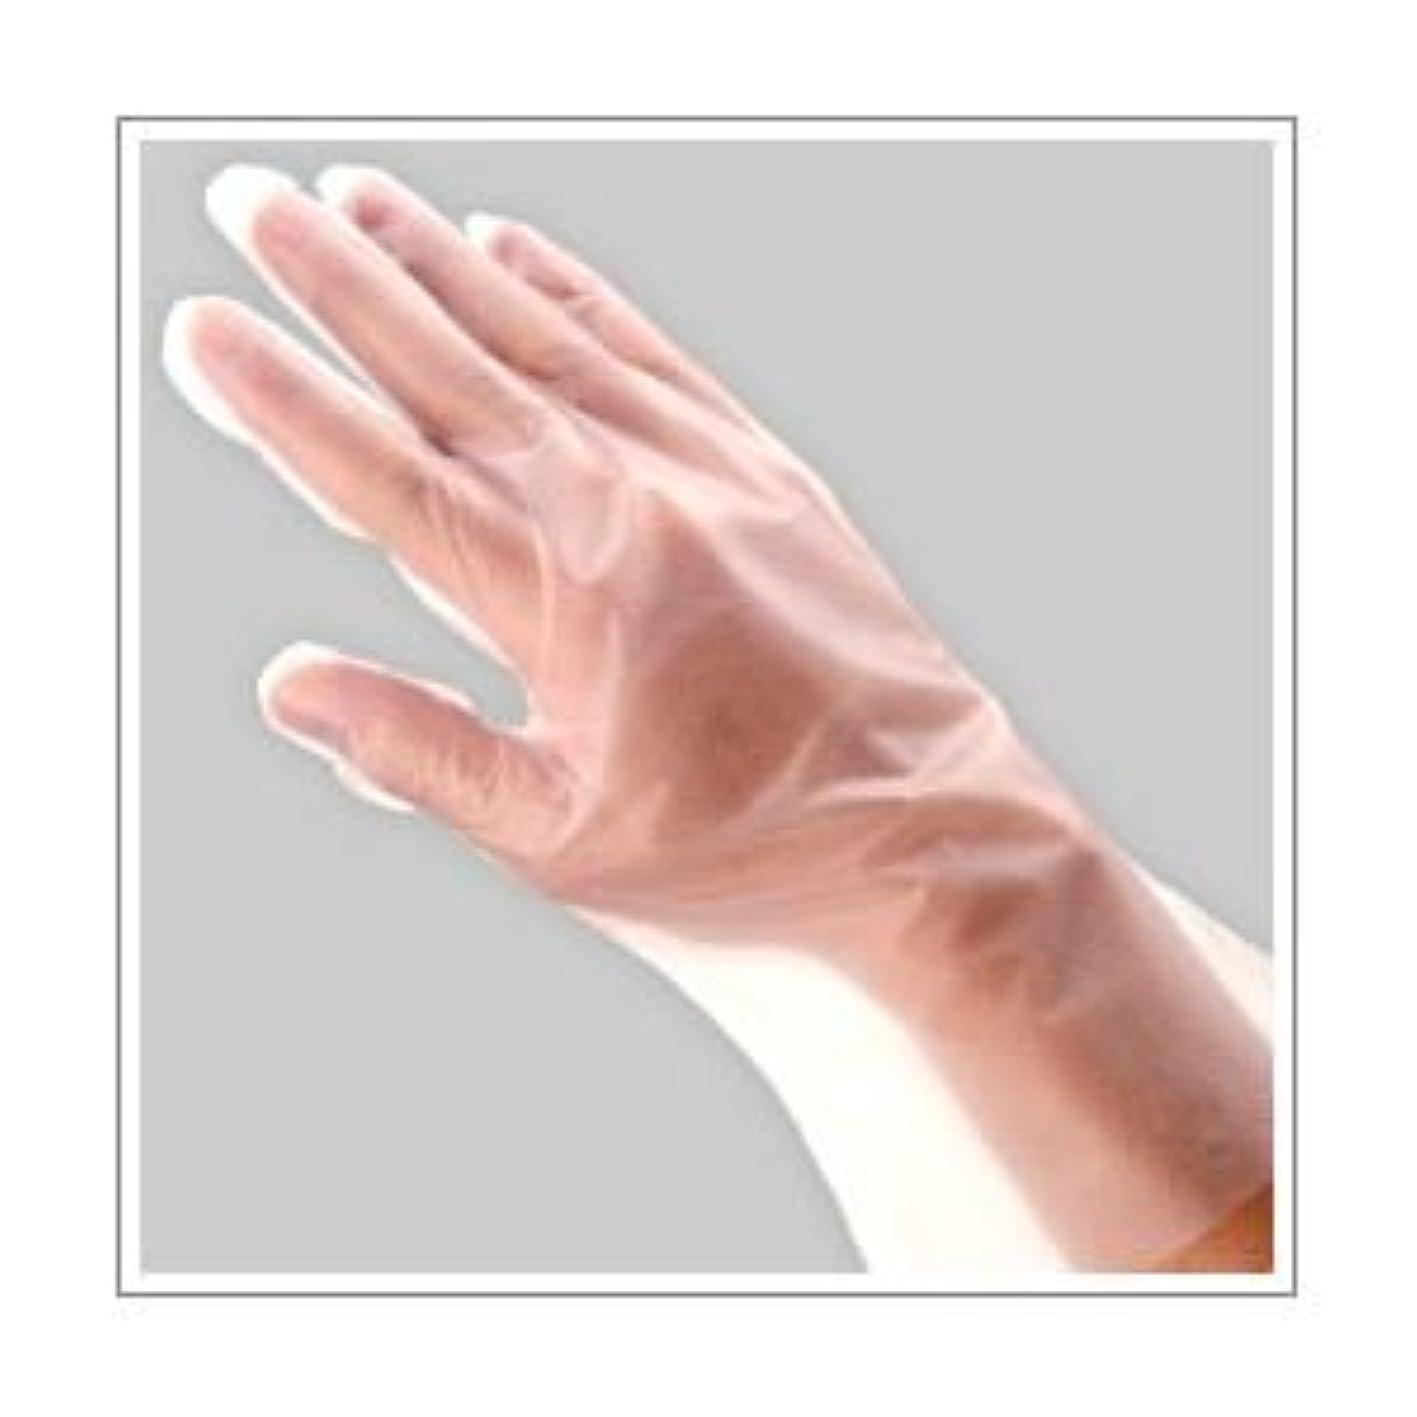 暴動過去地味な(業務用セット) 福助工業 ポリ手袋 指フィット 100枚パック L 【×10セット】